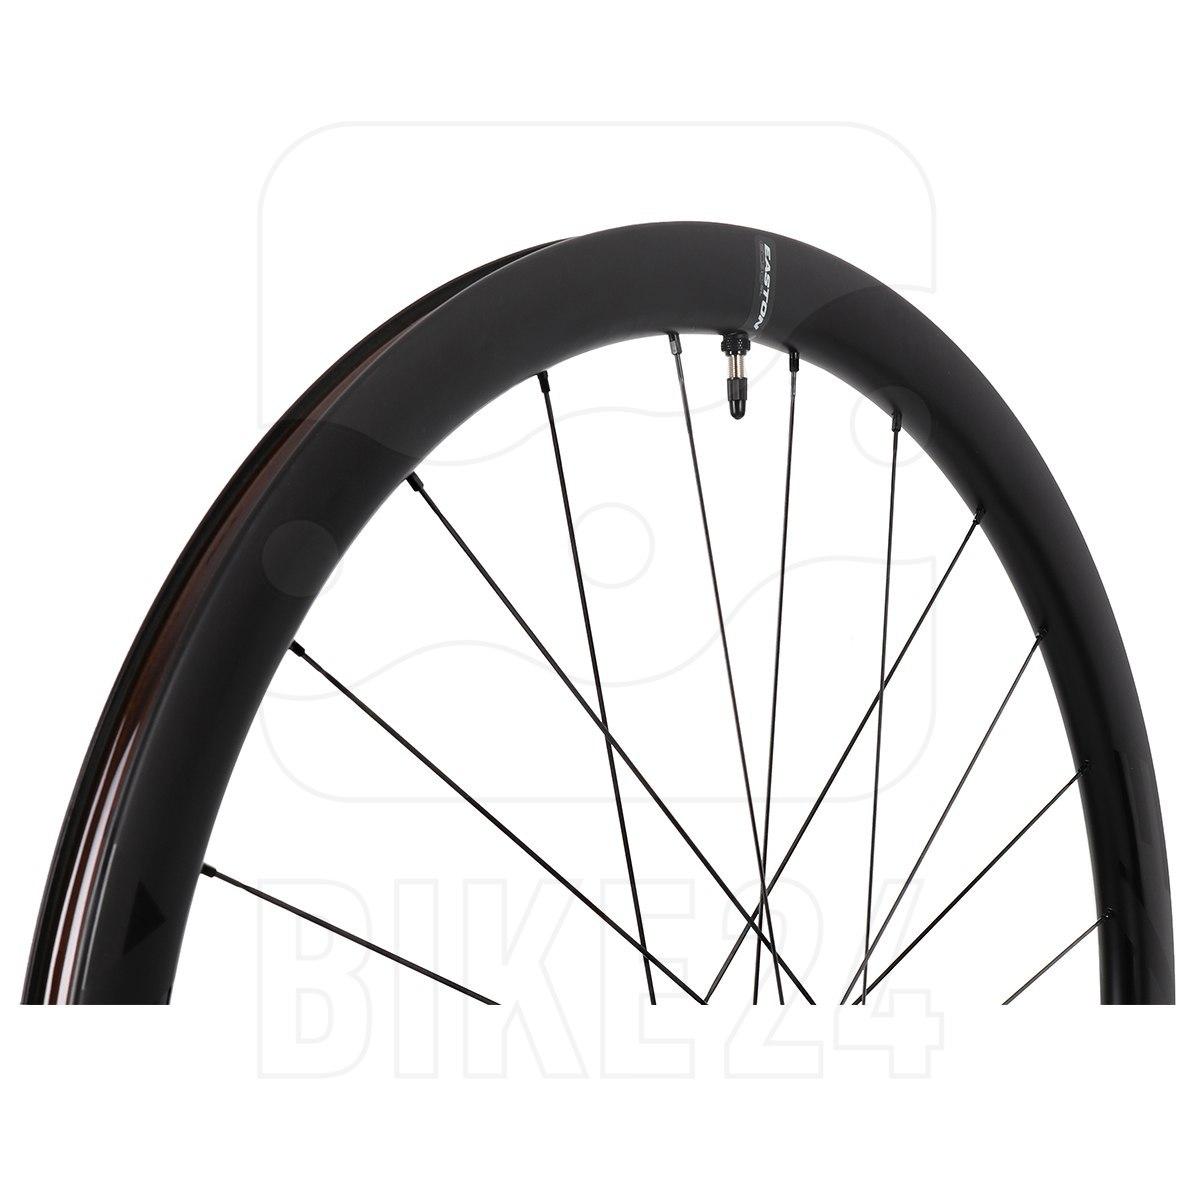 Image of Easton EC90 SL38 Carbon Disc Front Wheel for Clincher - Centerlock - 12x100mm - matte carbon